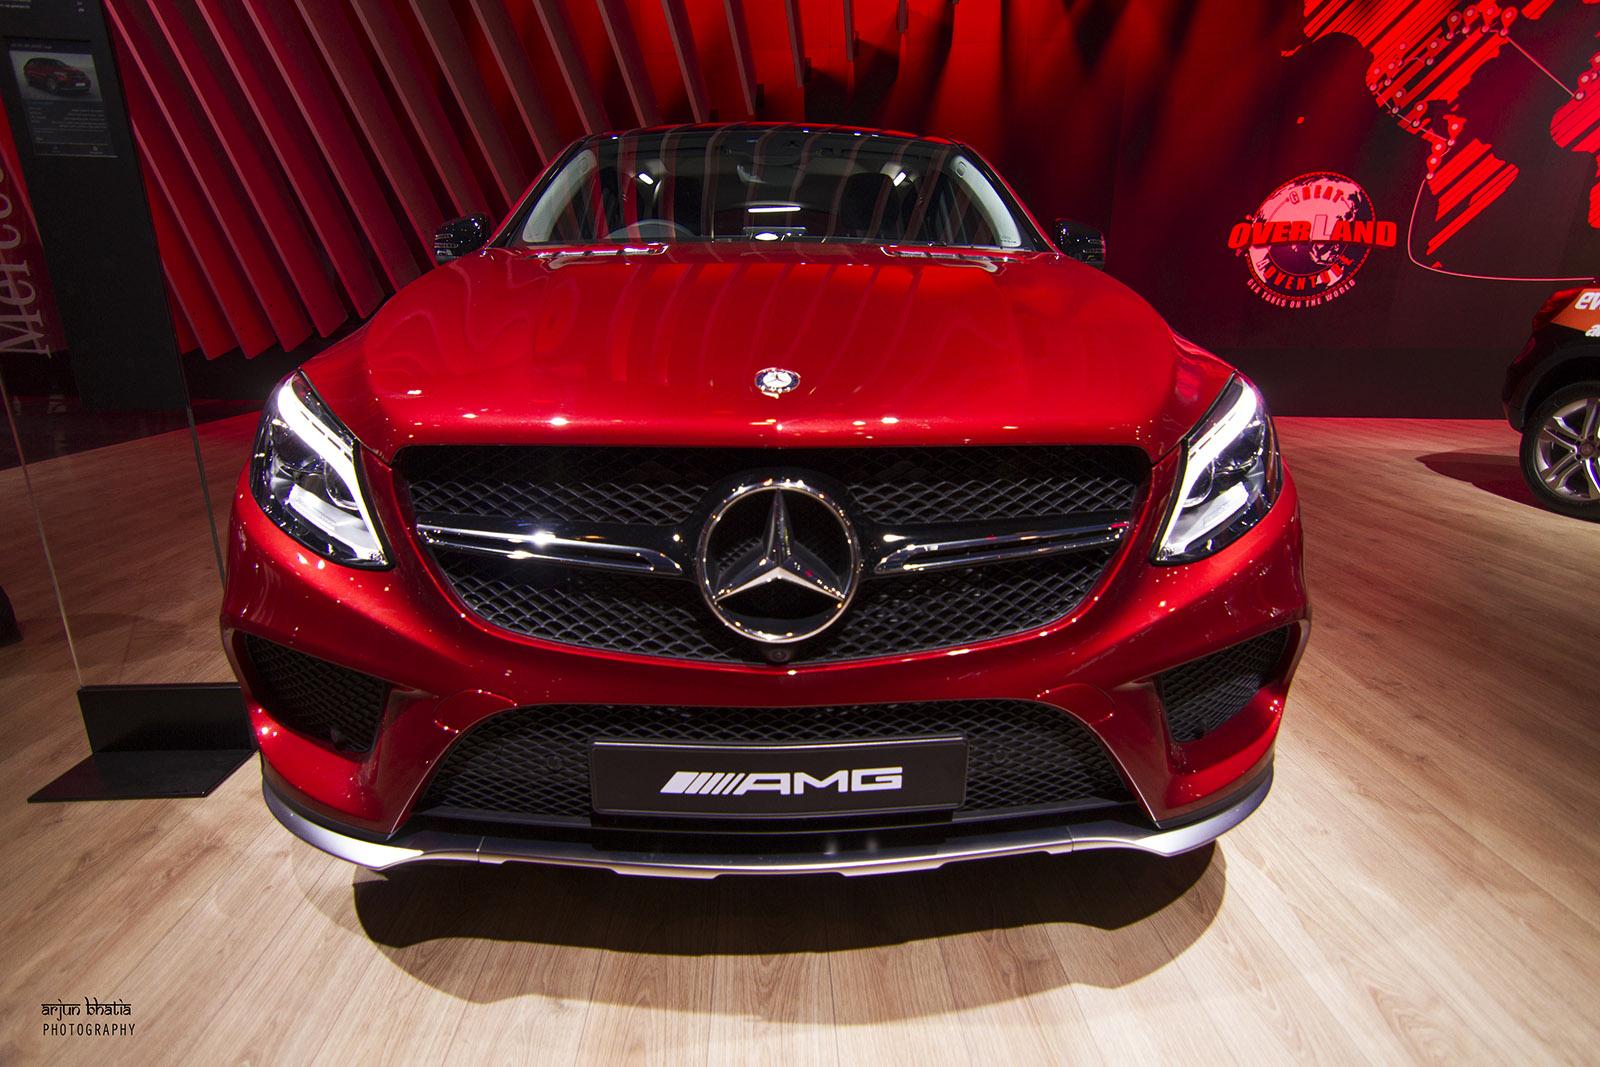 Mercedes-AMG GLE450 Delhi Auto Expo 2016